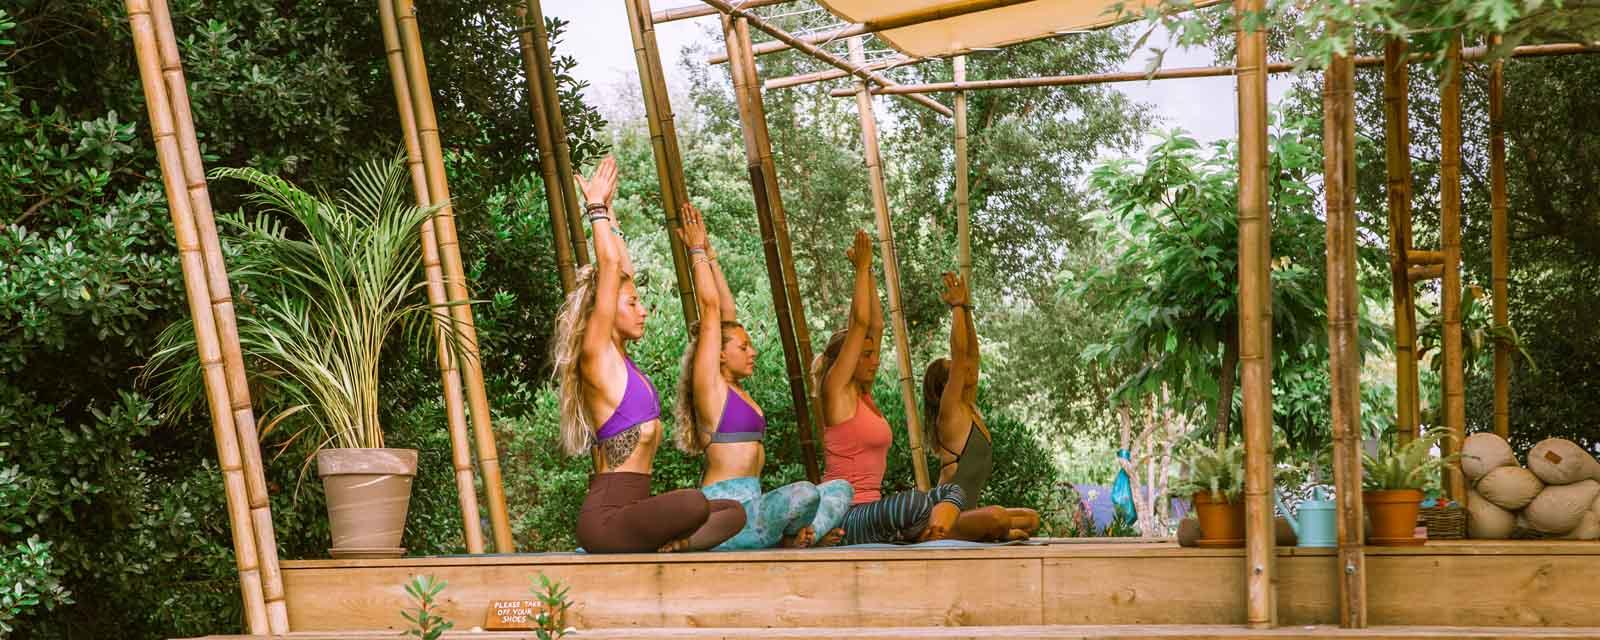 yogatrip